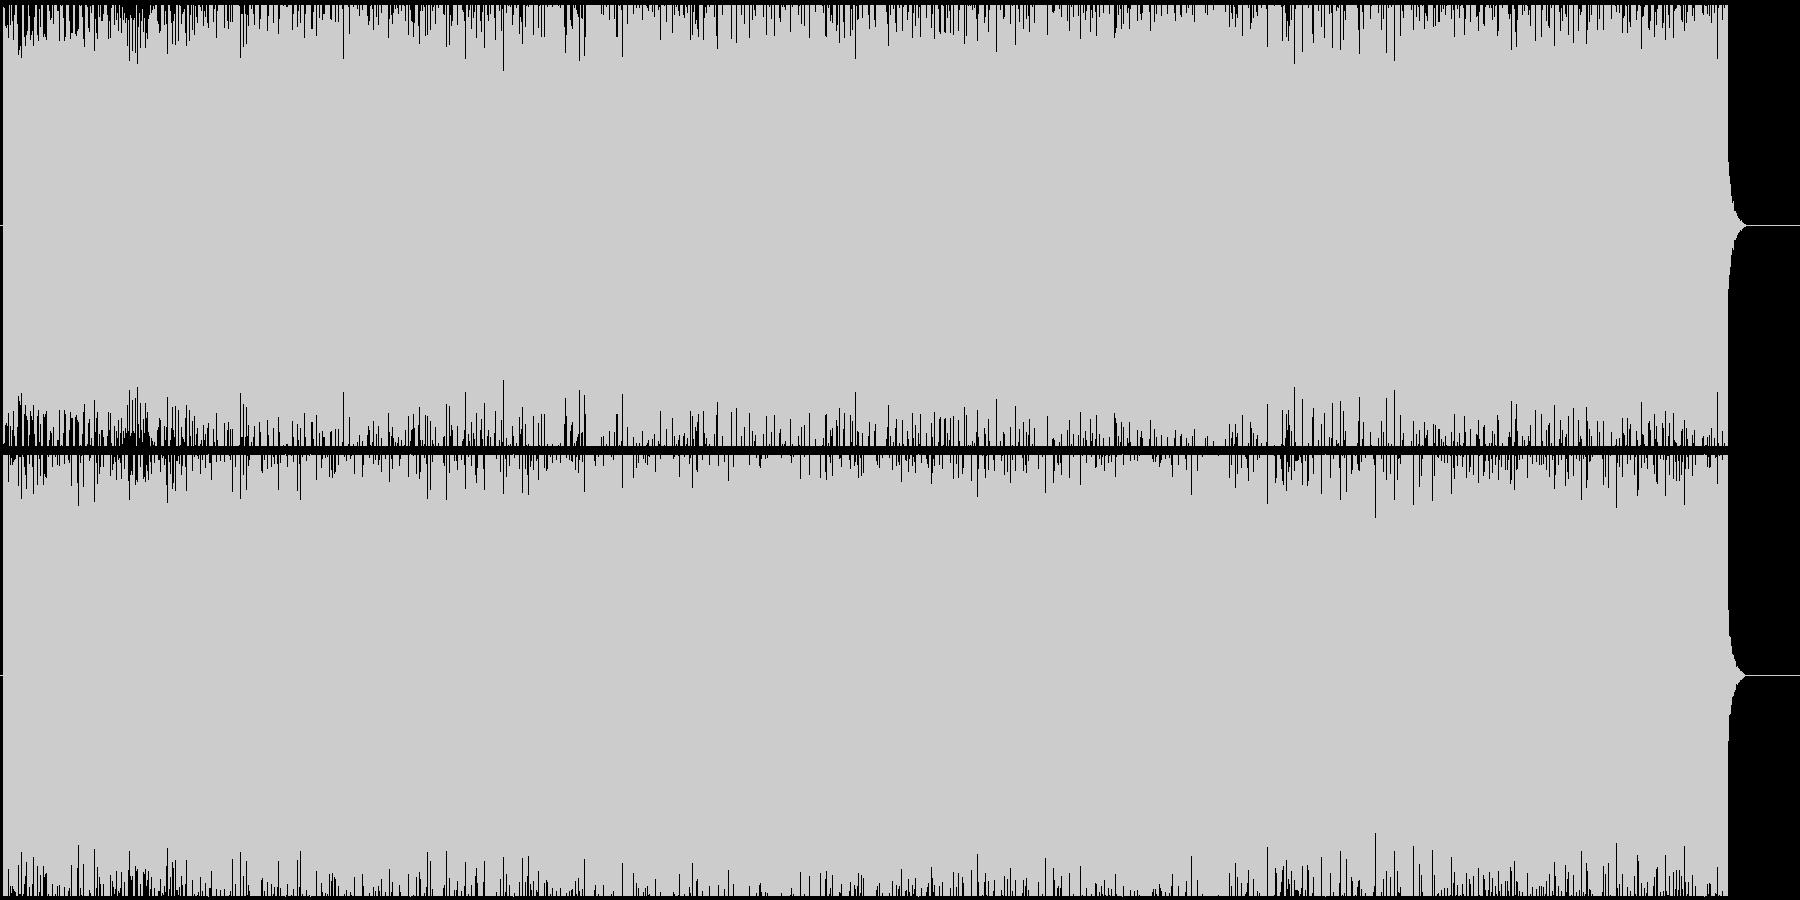 エキサイティングで疾走感のあるBGMの未再生の波形